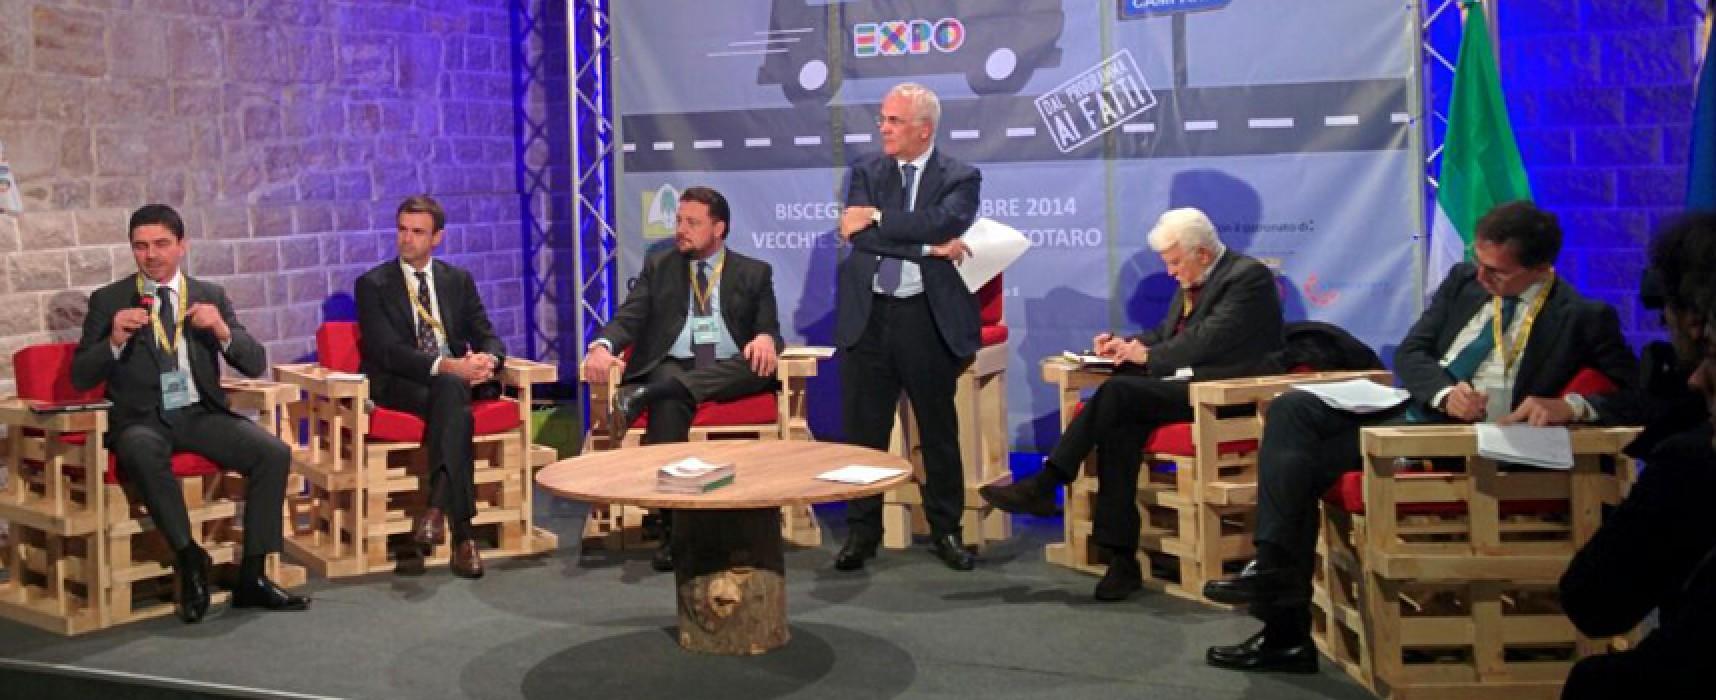 ExpoExtraTour: le priorità sono lotta alla contraffazione, biodiversità e tutela dei prodotti italiani